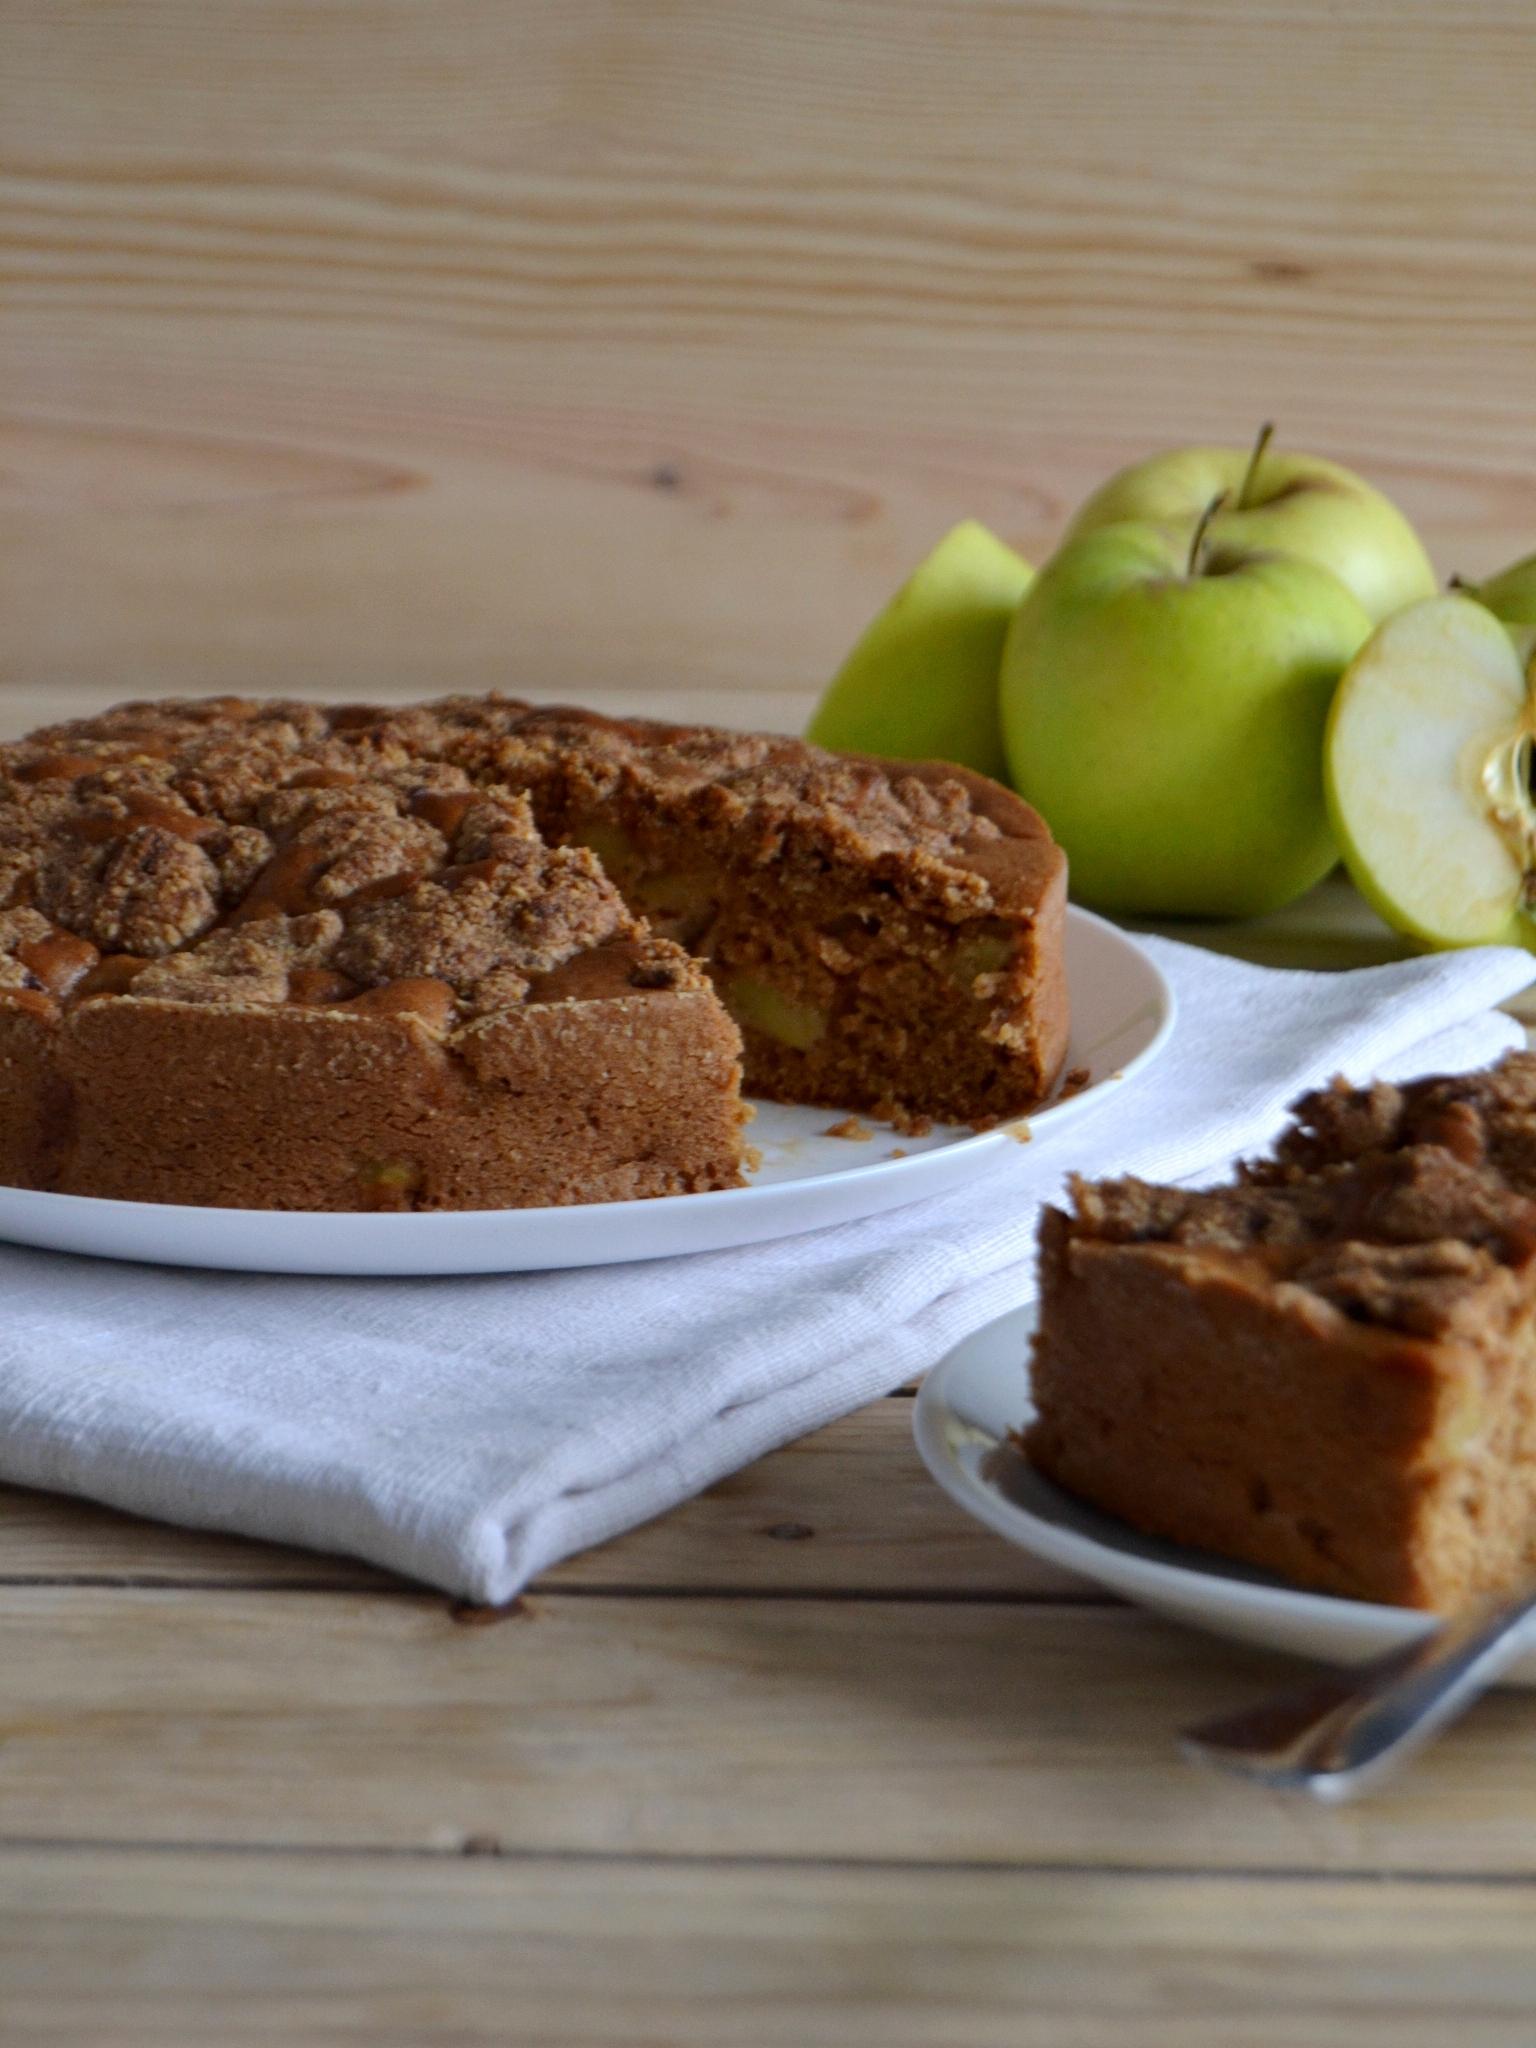 Bolo de maçã com crumble de amêndoa - Receita Vegetariana